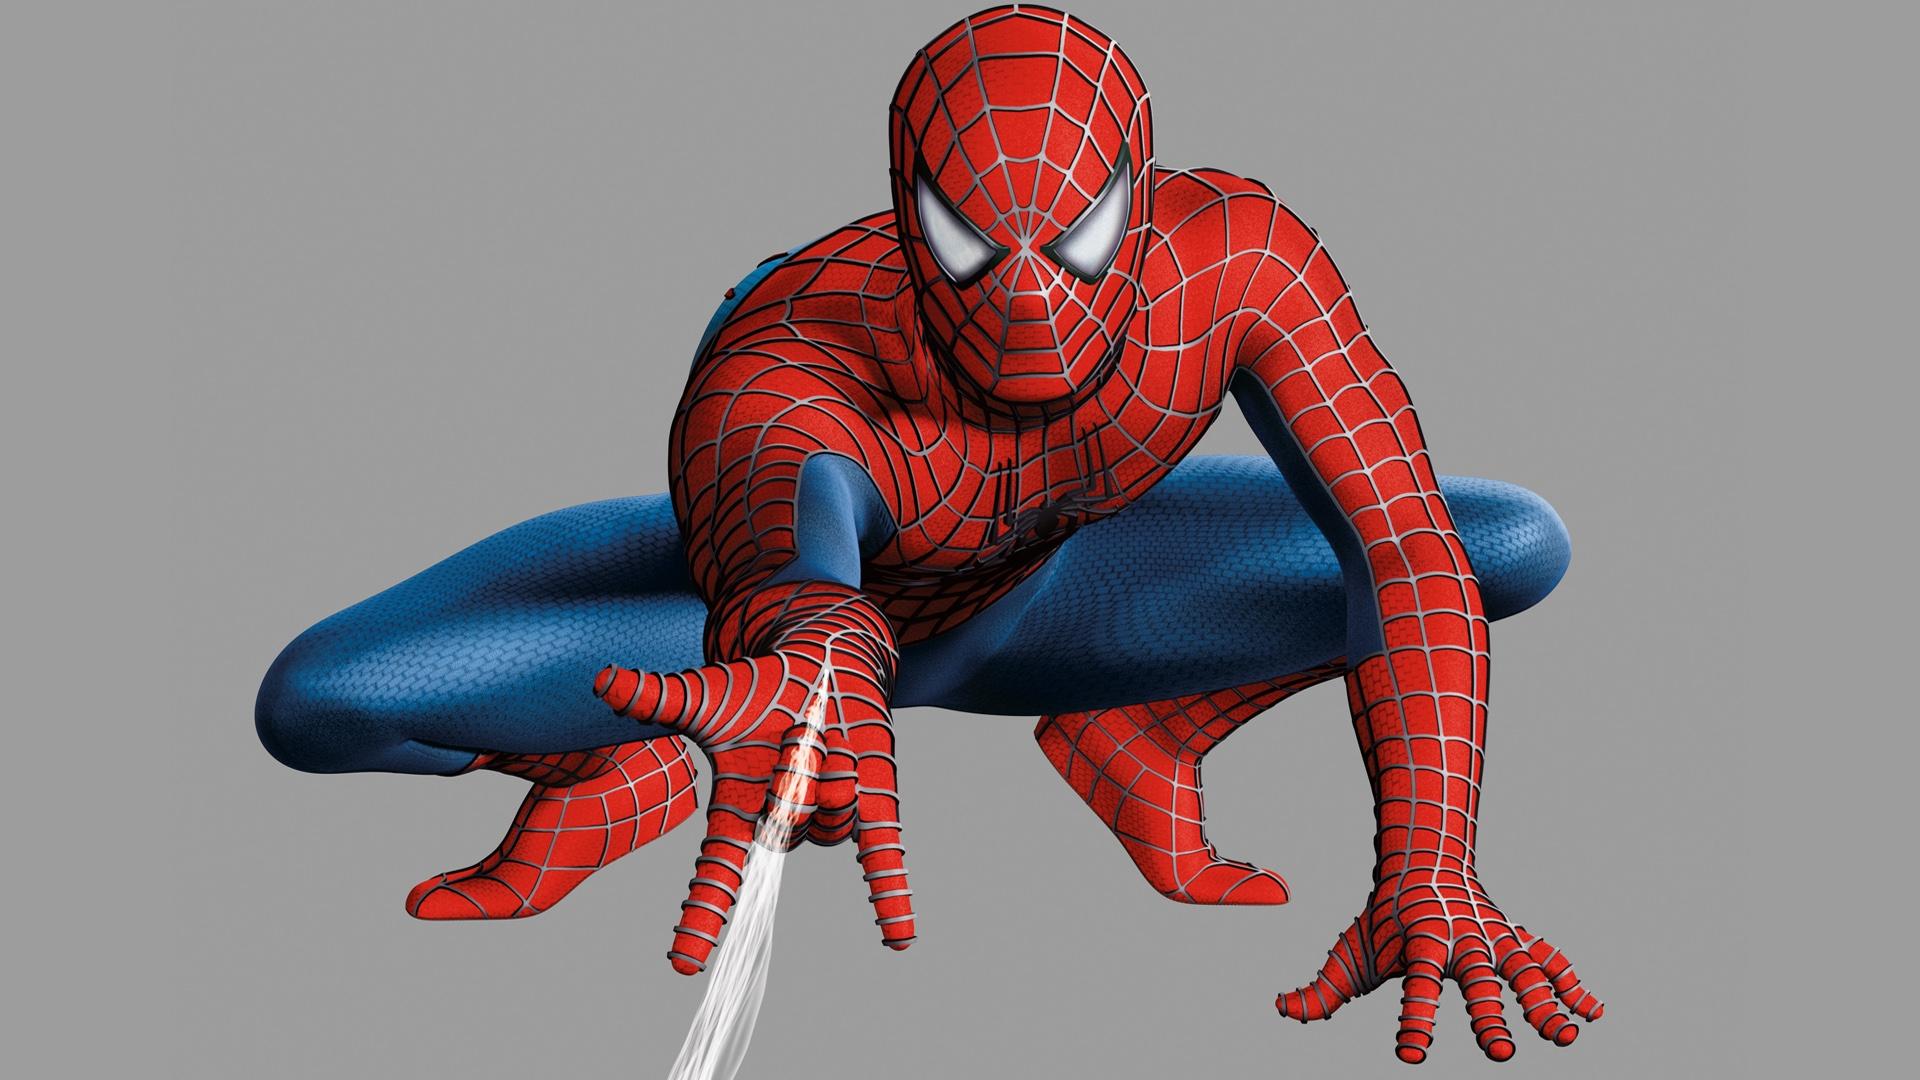 Spider Man 4 Movie 1920x1080